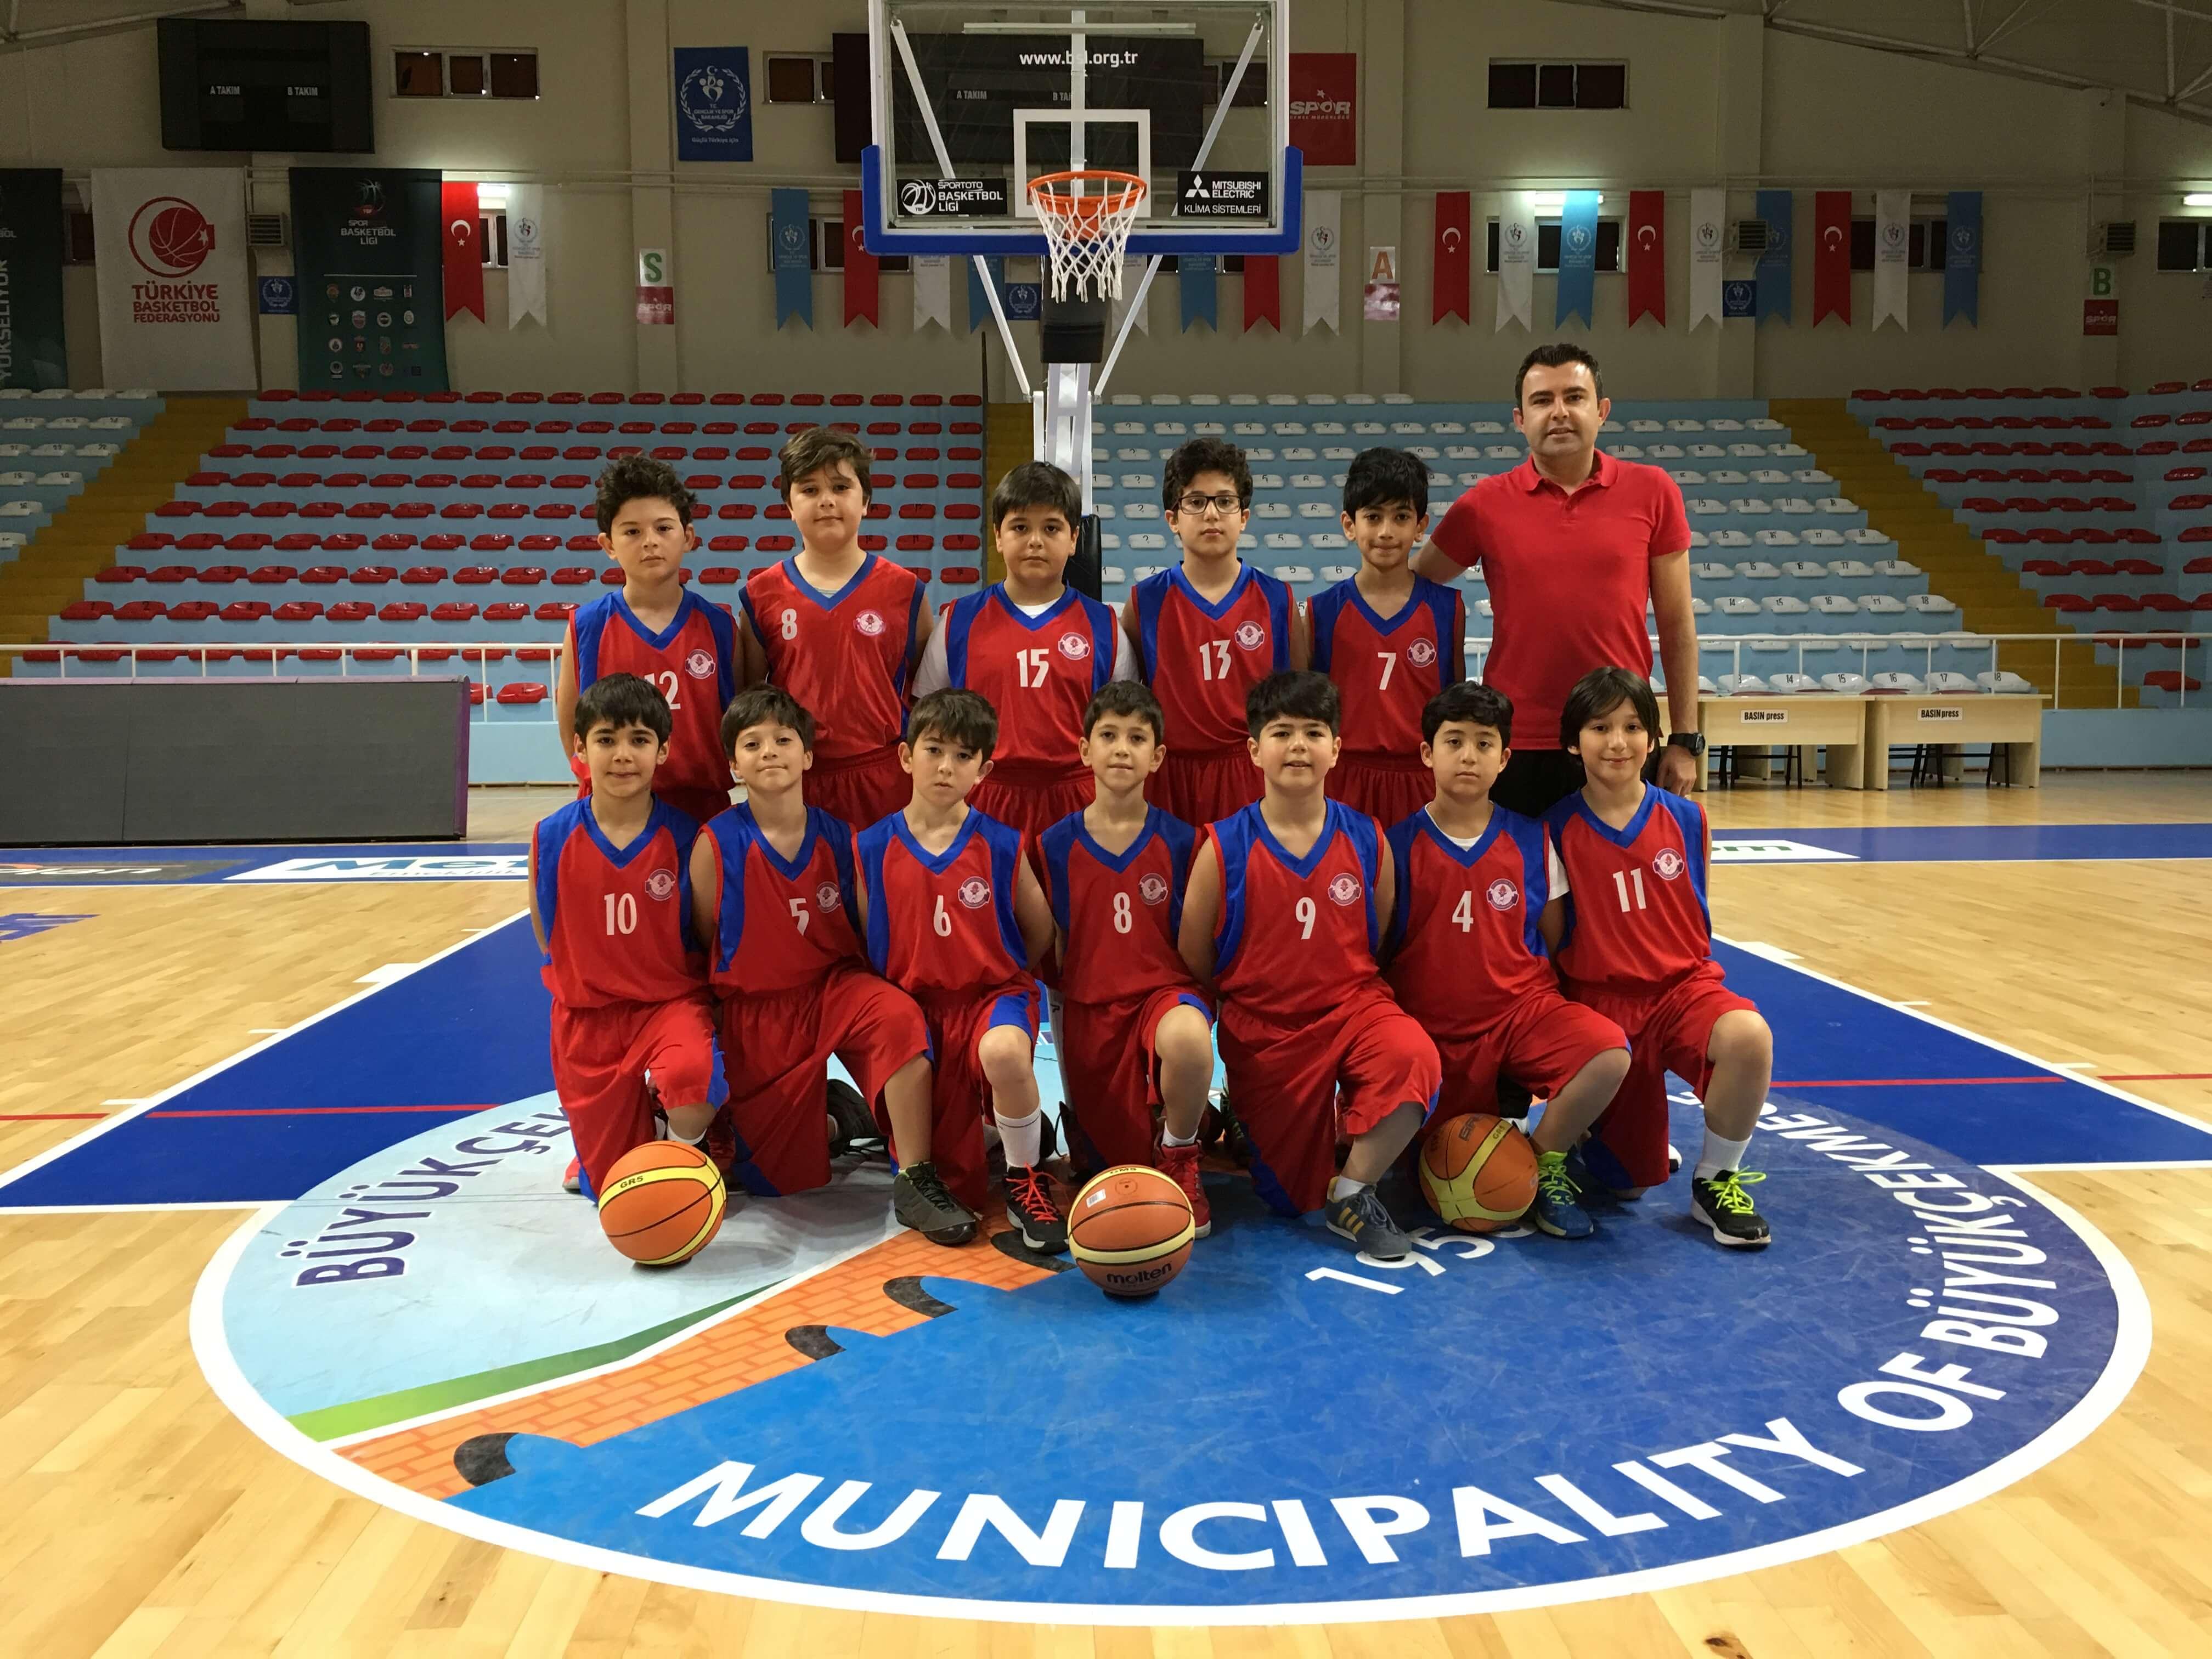 Minik Erkekler Basketbol Takımımız, Mimarsinan Koleji Basketbol Takımını Büyük Farkla Mağlup Etti